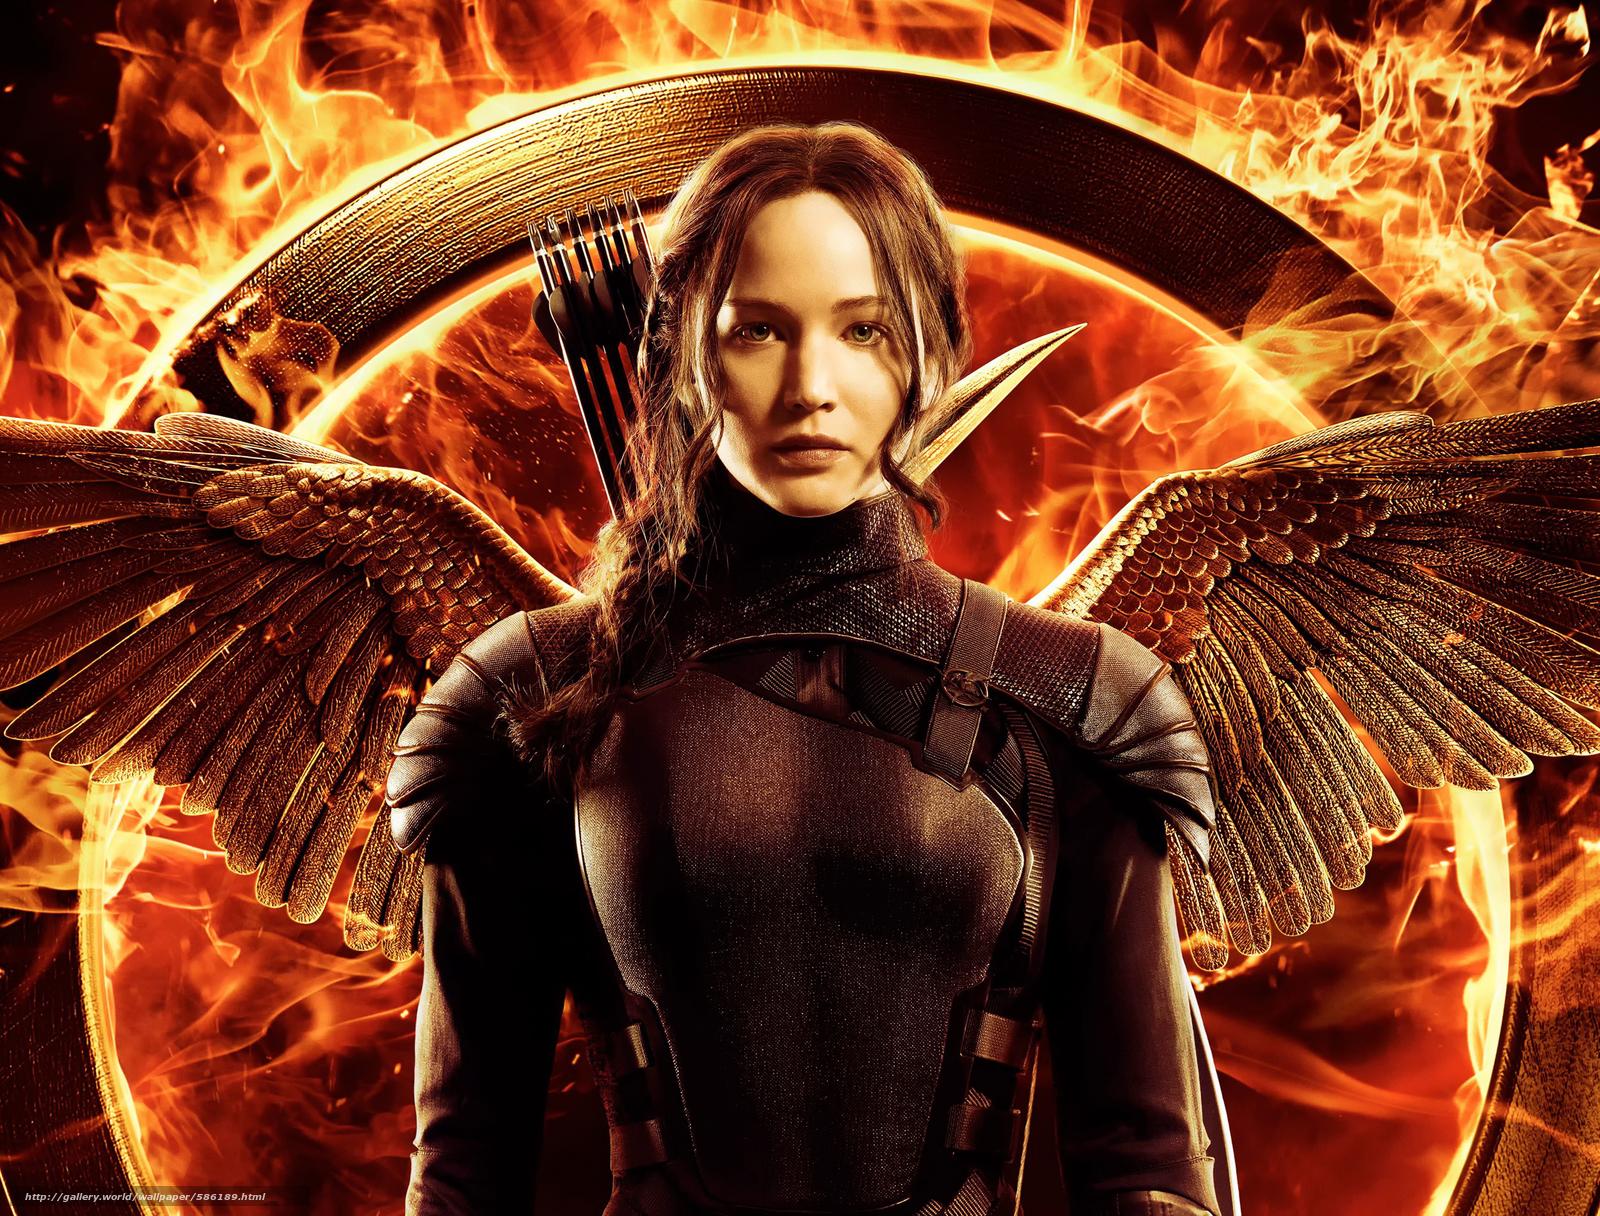 scaricare gli sfondi Promo,  The Hunger Games: Jay-peresmeshnitsa Sfondi gratis per la risoluzione del desktop 2500x1900 — immagine №586189